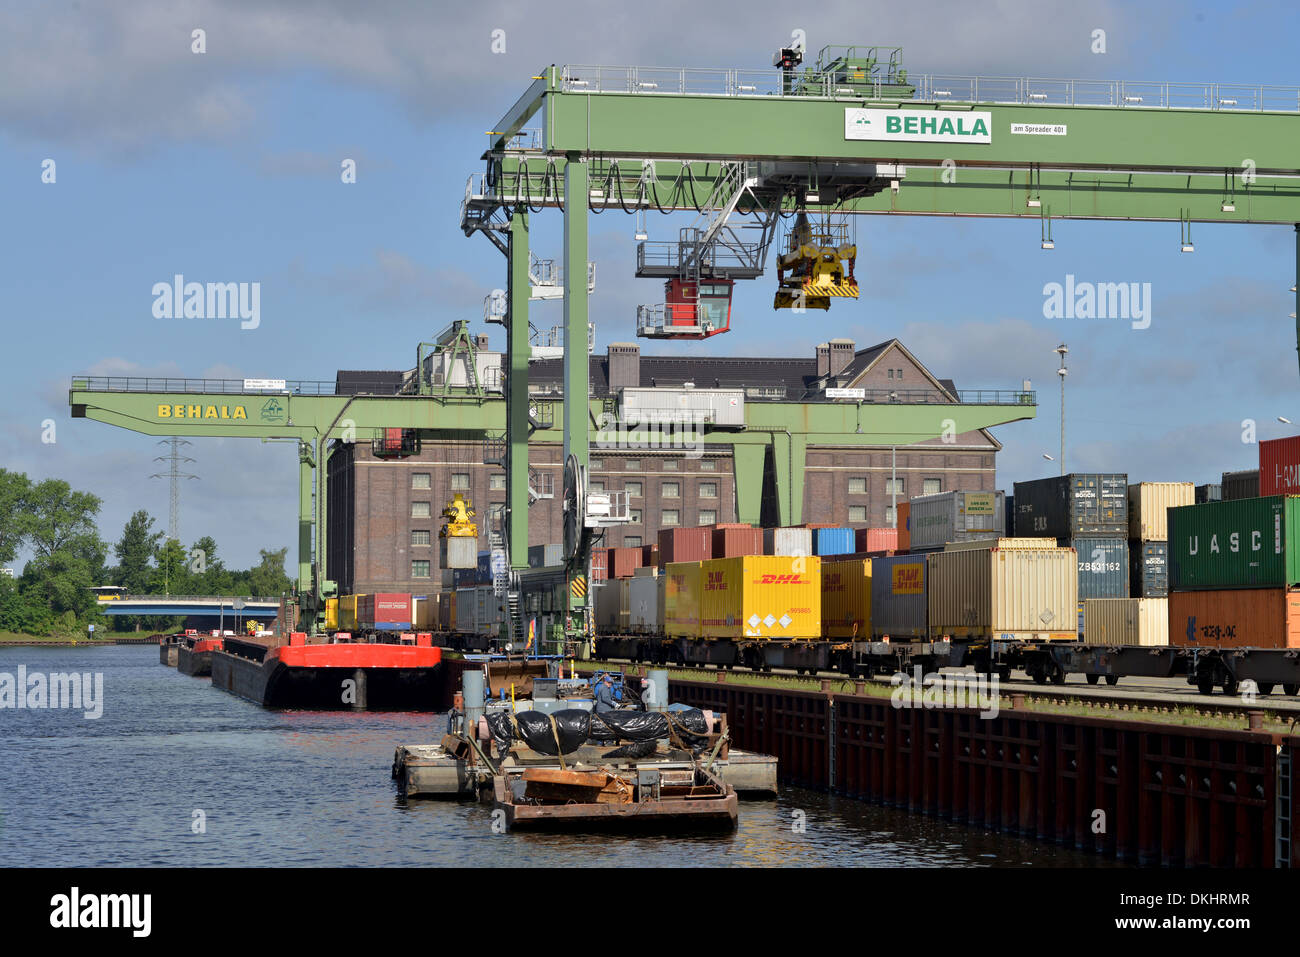 Berlin Germany Behala west harbour Berlin 05:23 Deutschland Westhafen - Stock Image